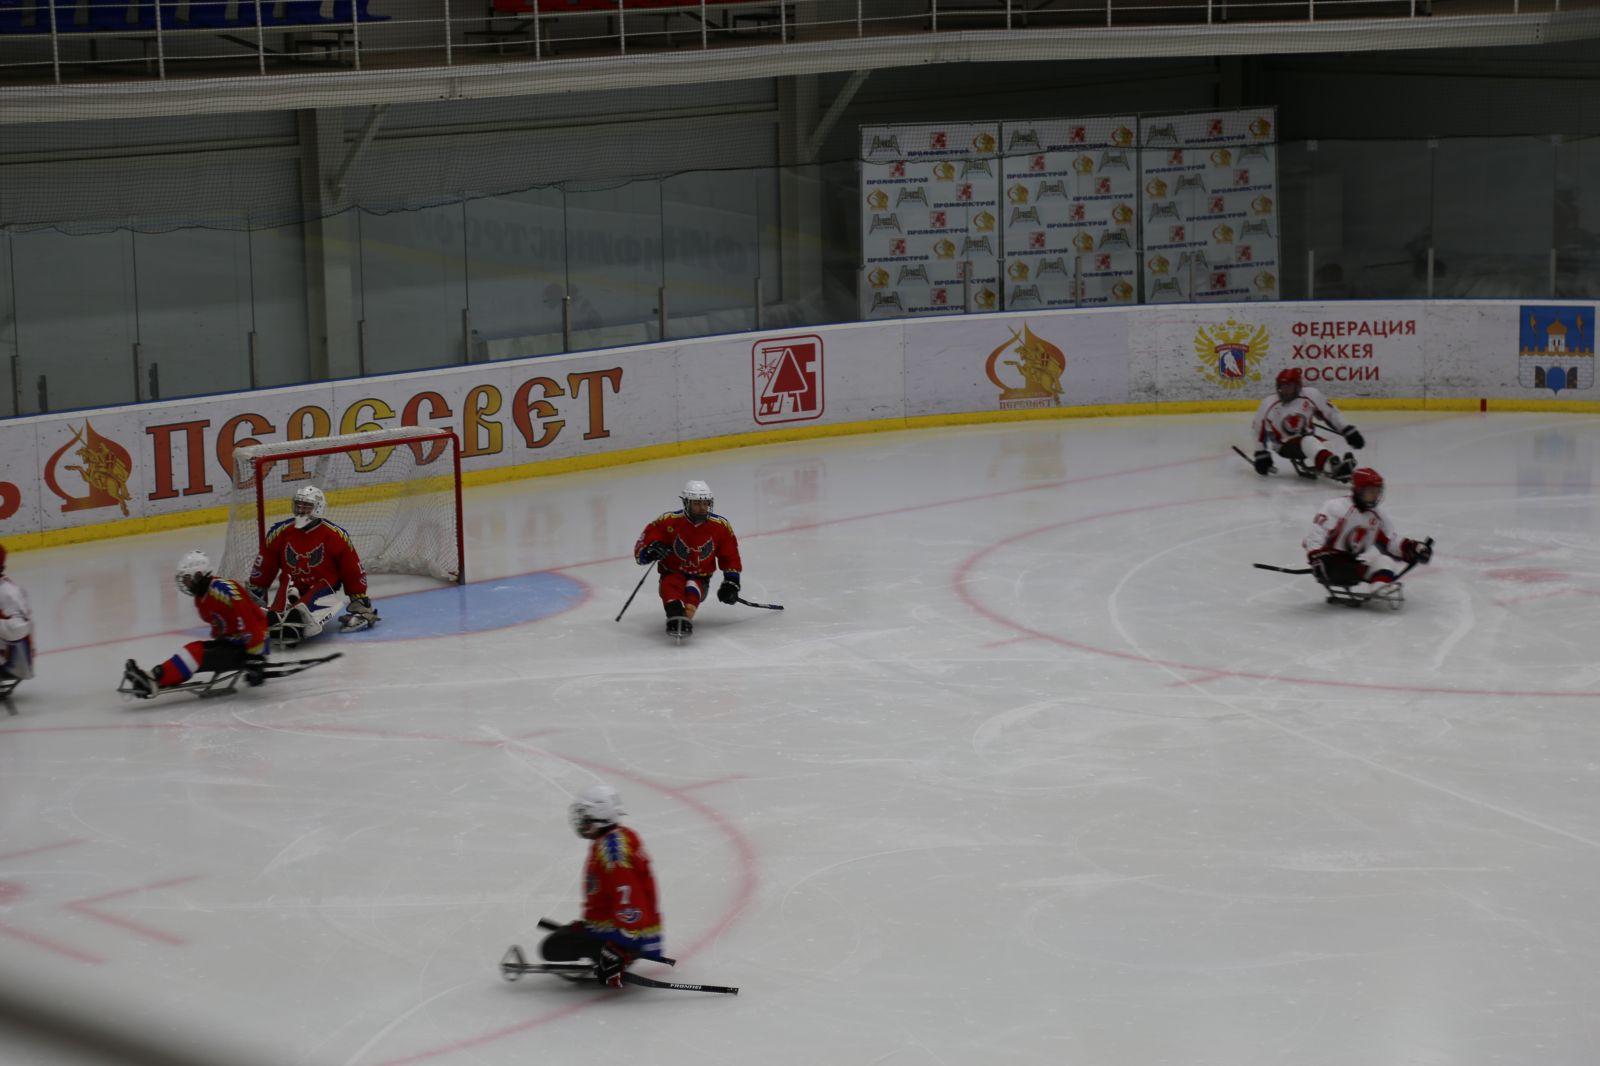 Итоги шестого дня Открытых Всероссийских соревнований по видам спорта, включенным в программу Паралимпийских зимних игр